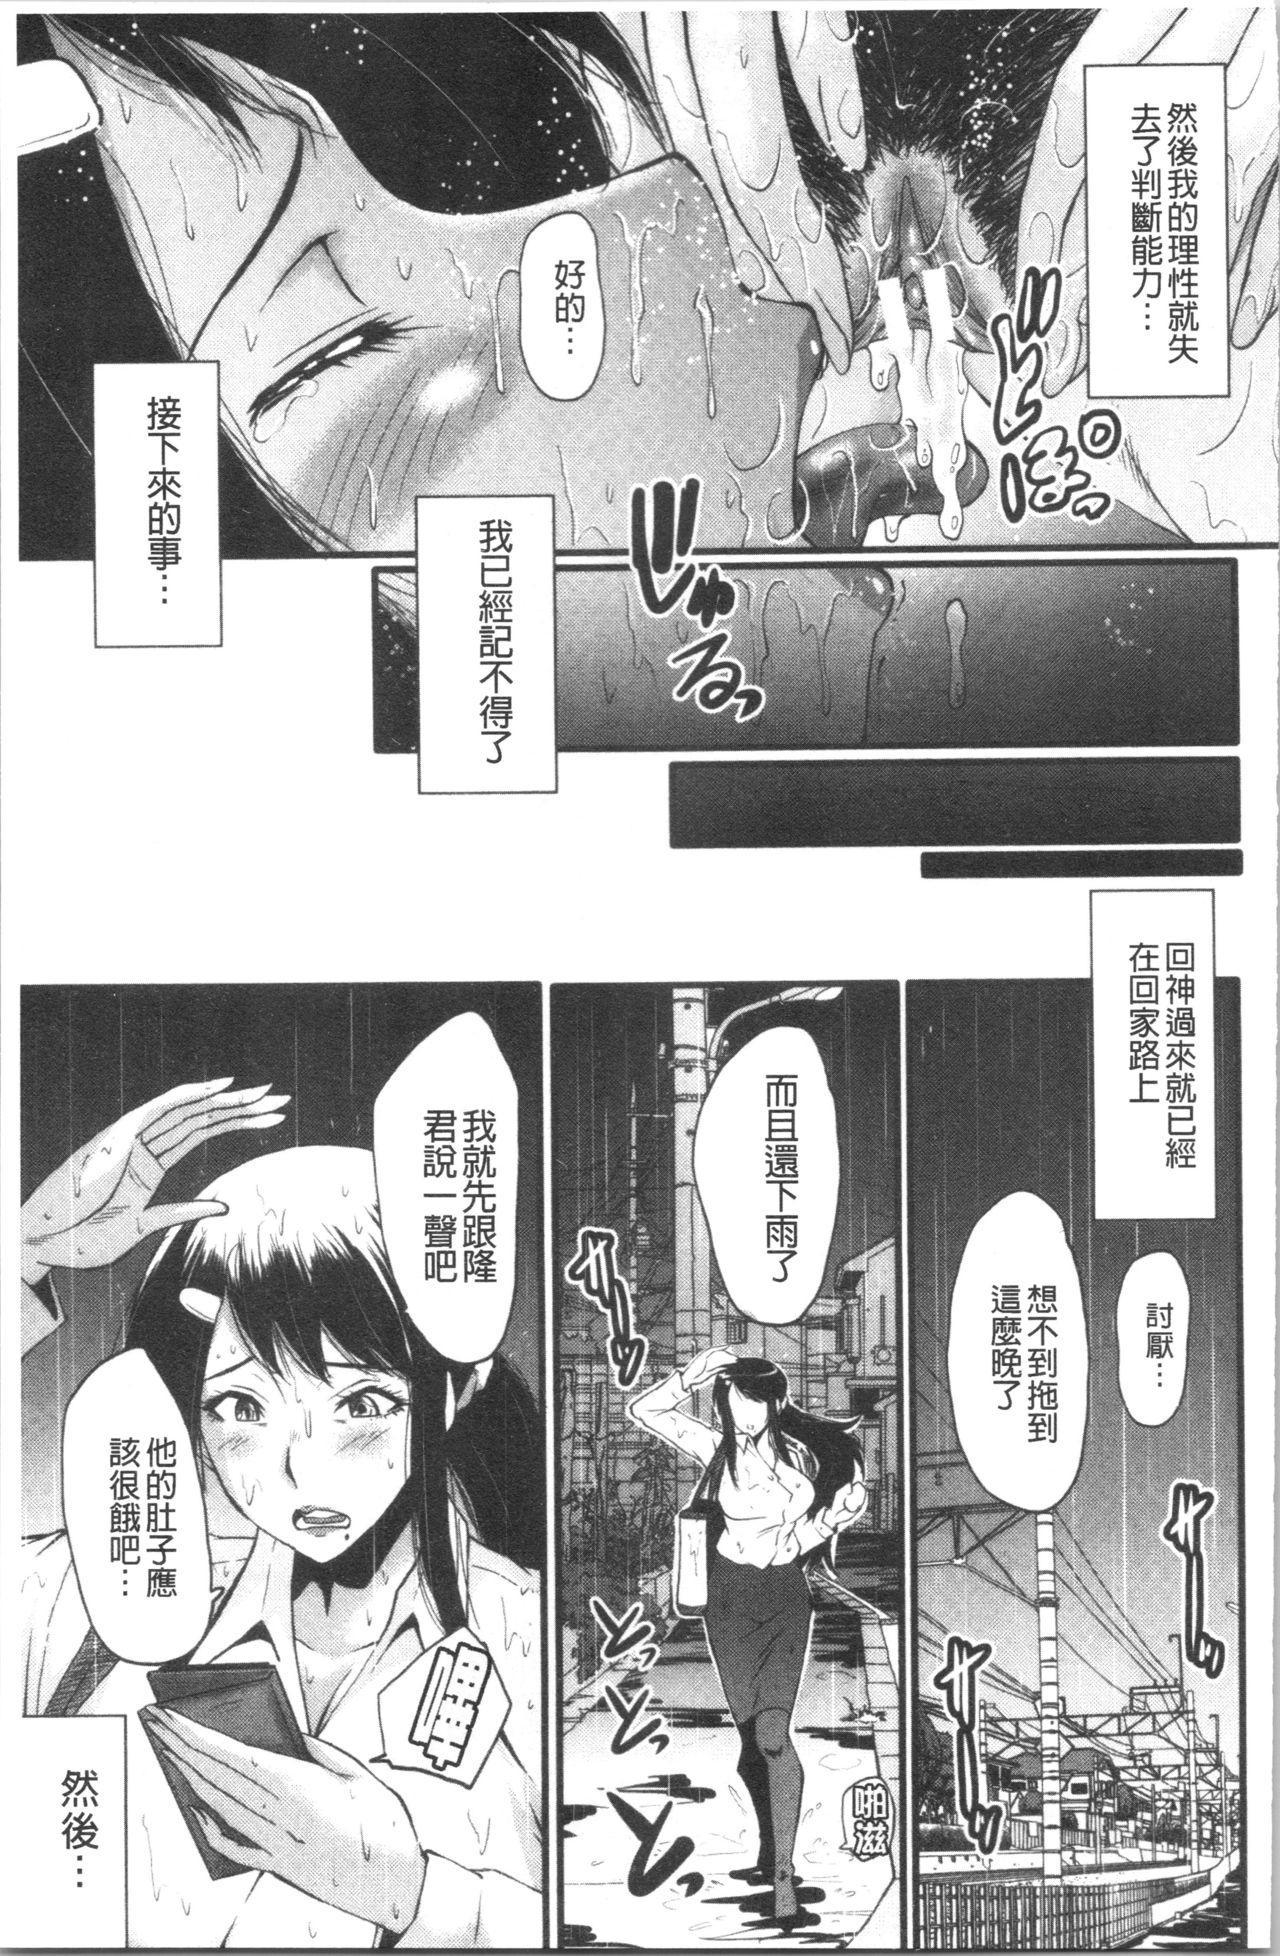 Bokuno Kanojo ga Kusogaki ni Netorareta Hanashi 122